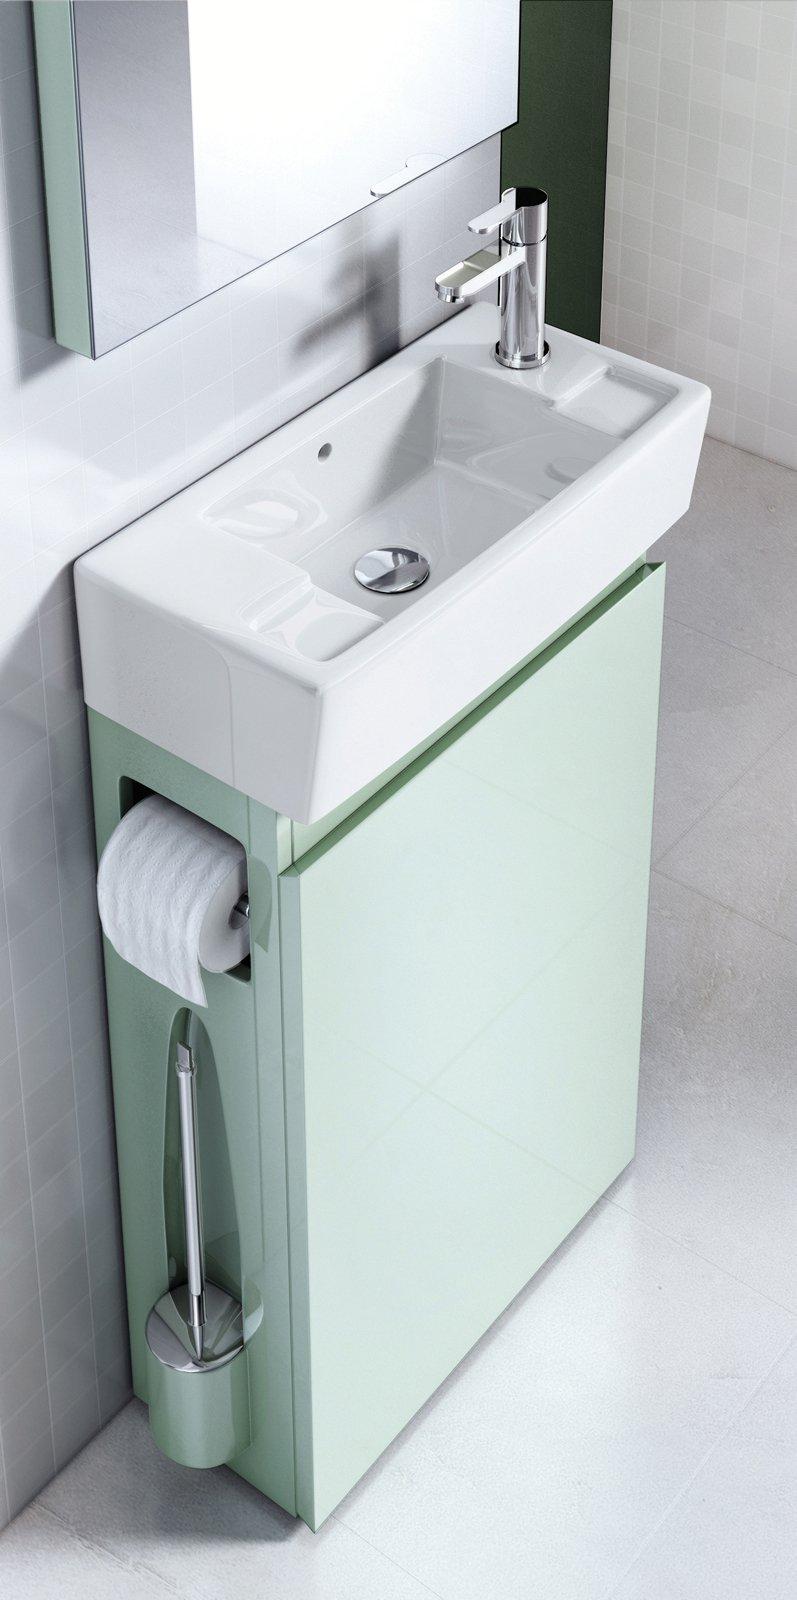 Mobile Sotto Mensola Bagno bagno piccolo? arredo componibile e salvaspazio - cose di casa